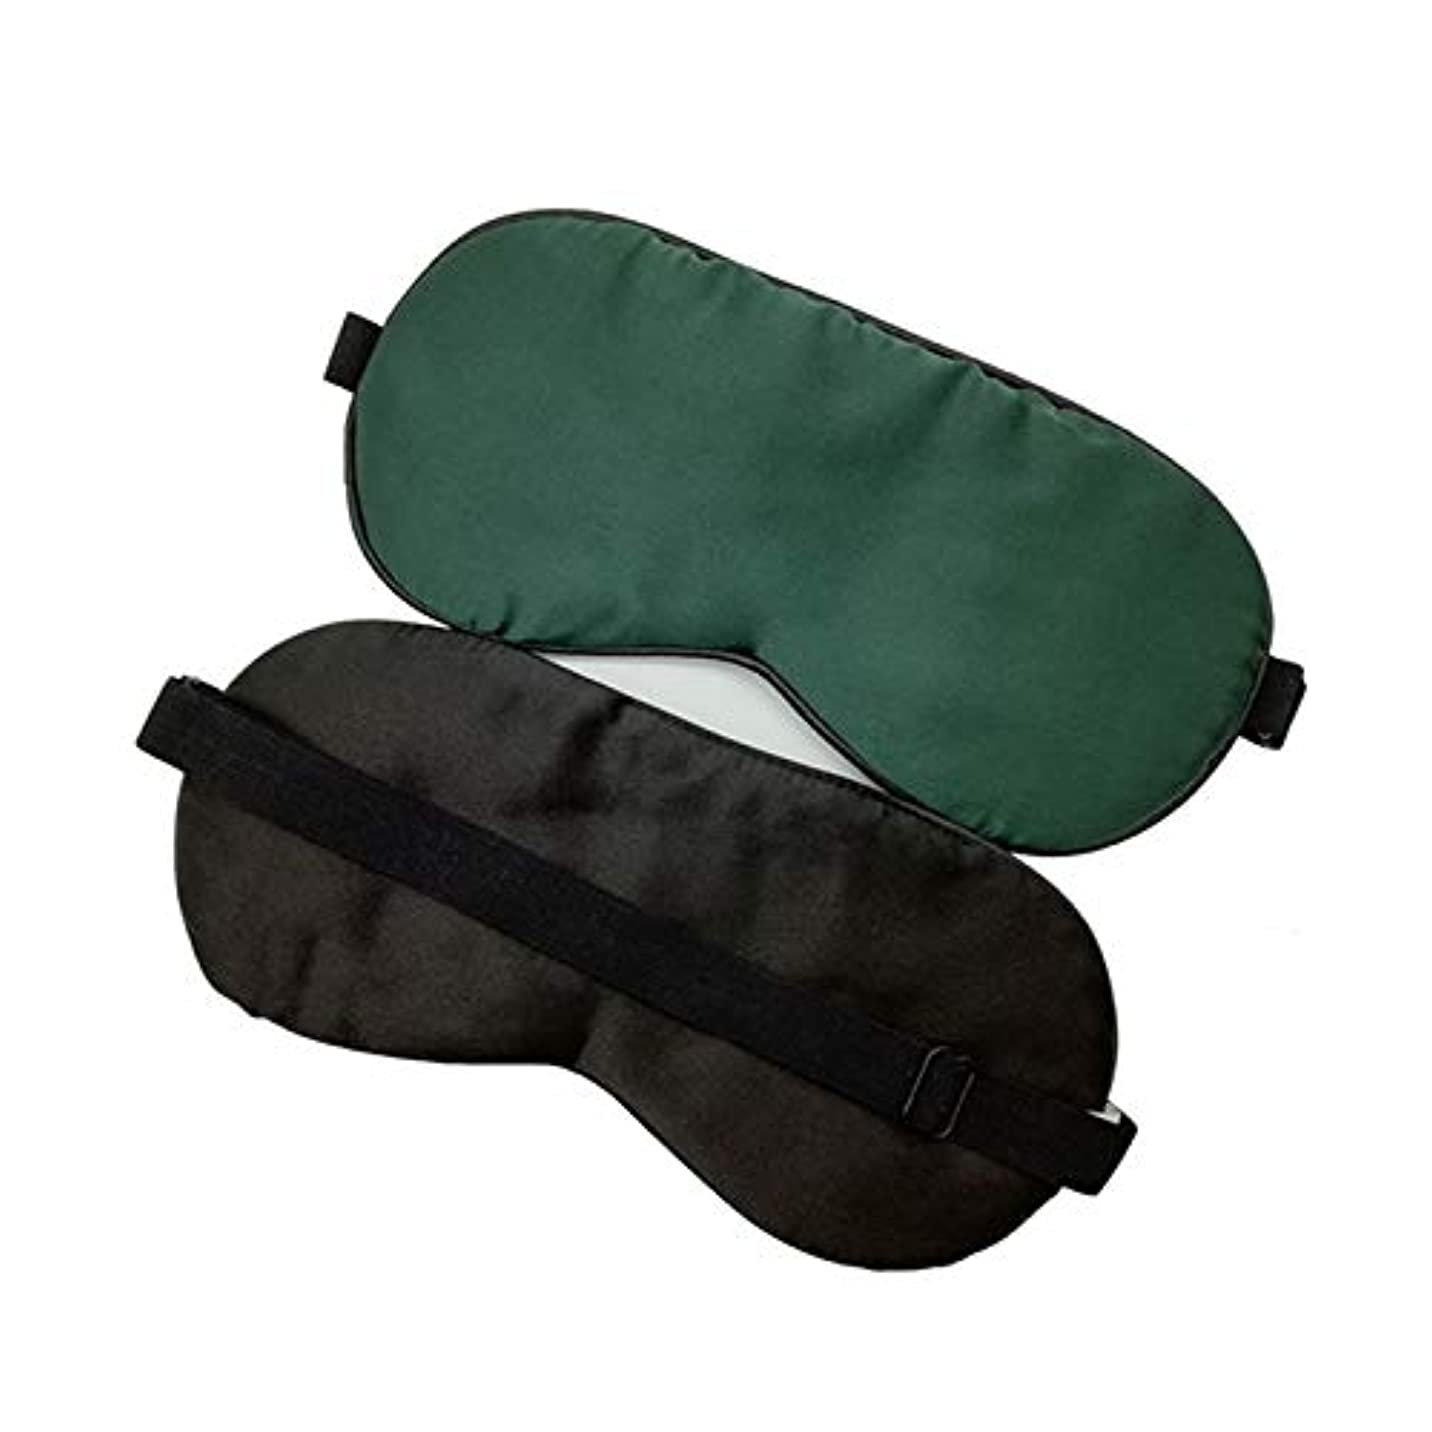 振動するカッター有望注意純粋なシルクの睡眠アイマスク濃い緑色両サイドのシルクアイカバーシェード柔らかい滑らかな目隠し旅行リラックス補助小サイズ